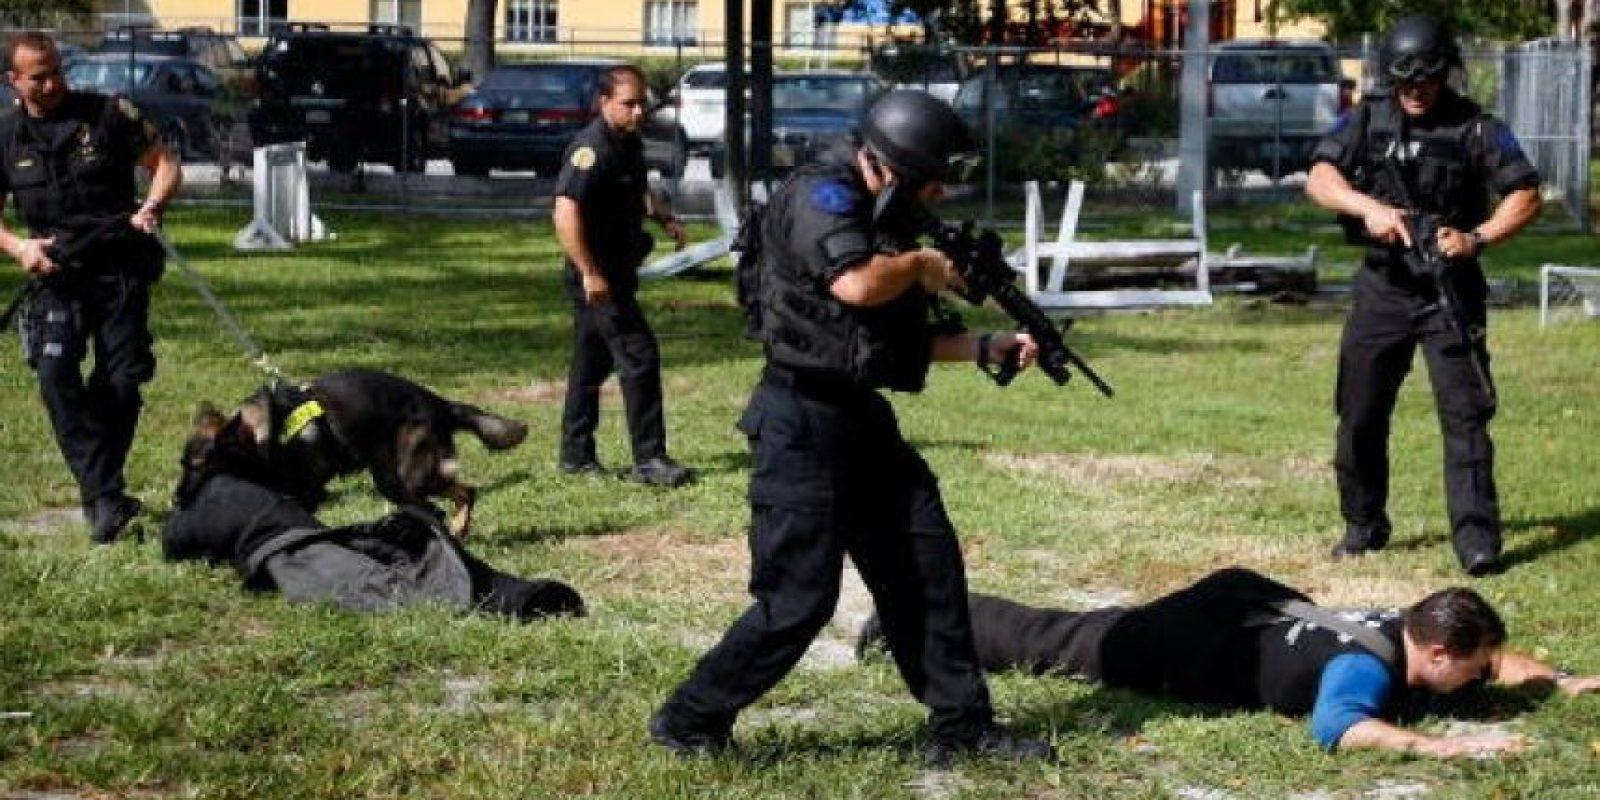 La mayoría de los perros policía son machos, sin castrar para que mantengan su agresividad natural Foto:Getty Images